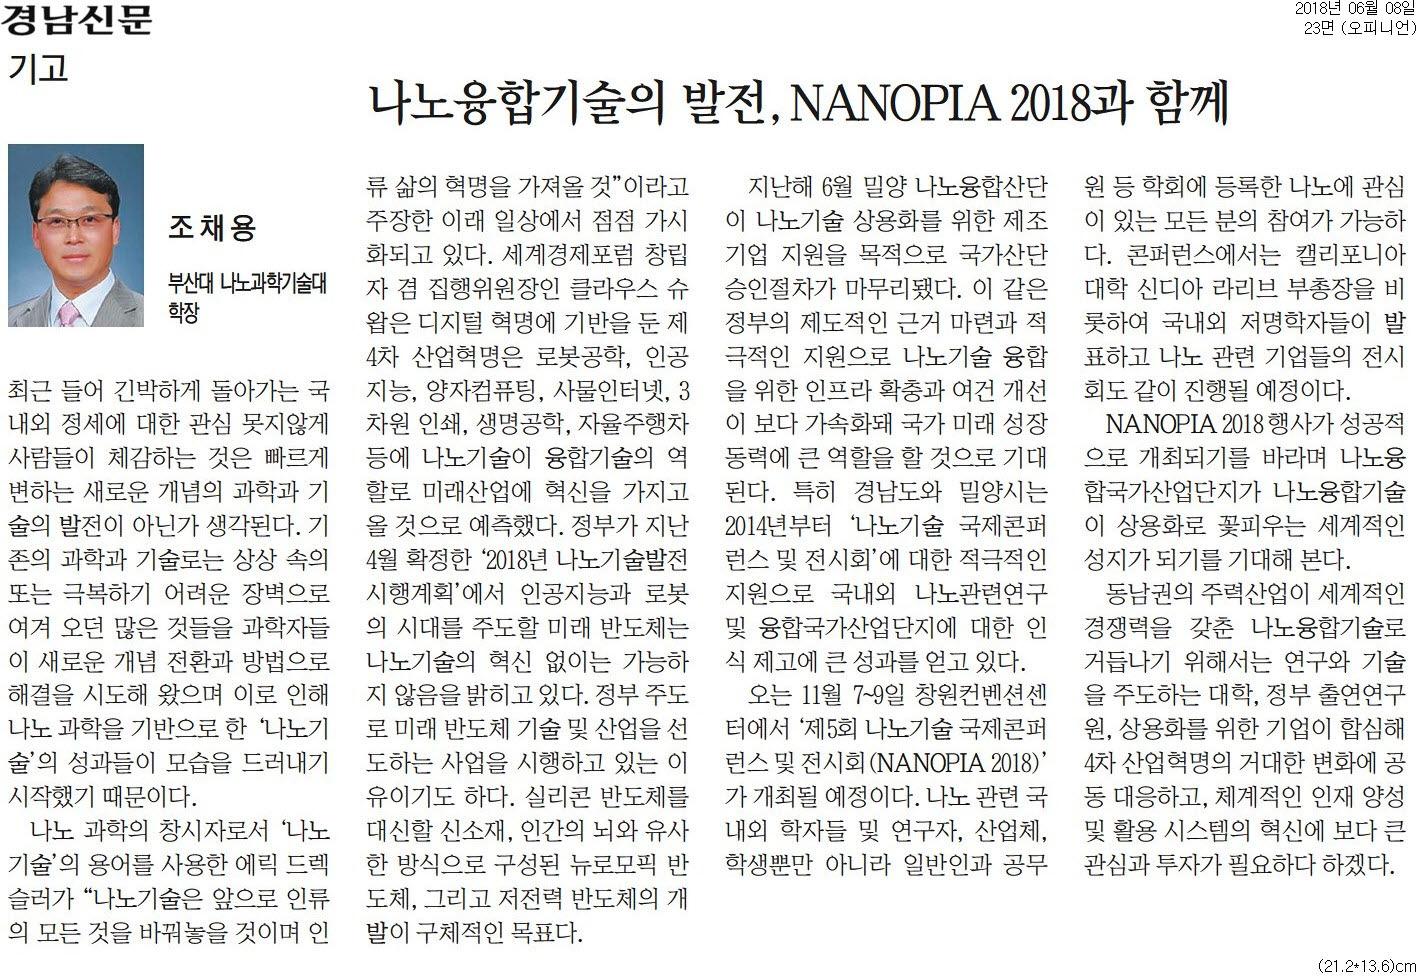 기고문 : 나노융합기술의 발전, NANOPIA 2018과 함께